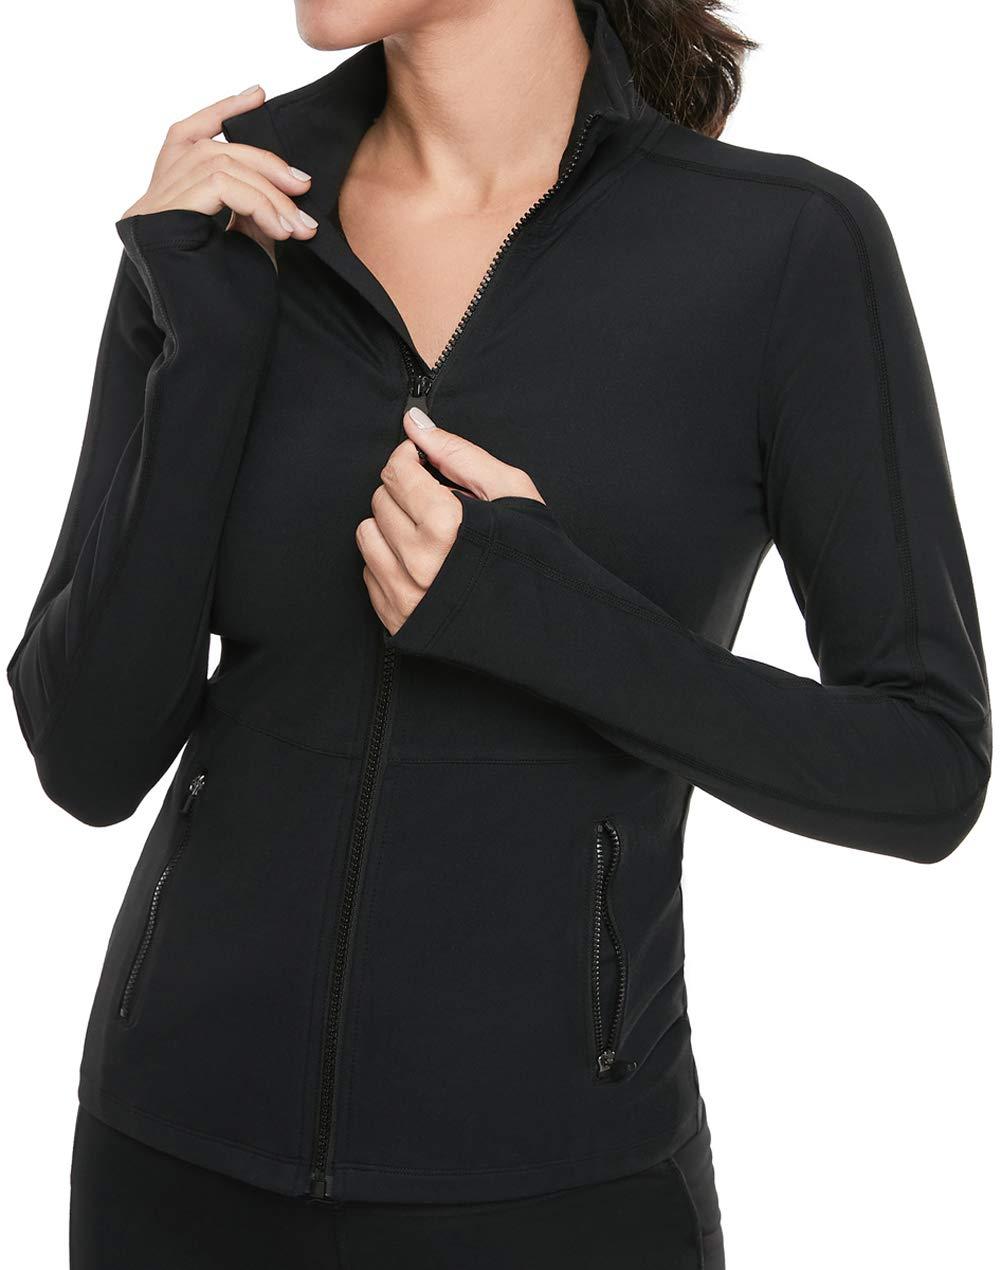 VUTRU Women's Workout Yoga Jacket Full Zip Running Track Jacket by VUTRU